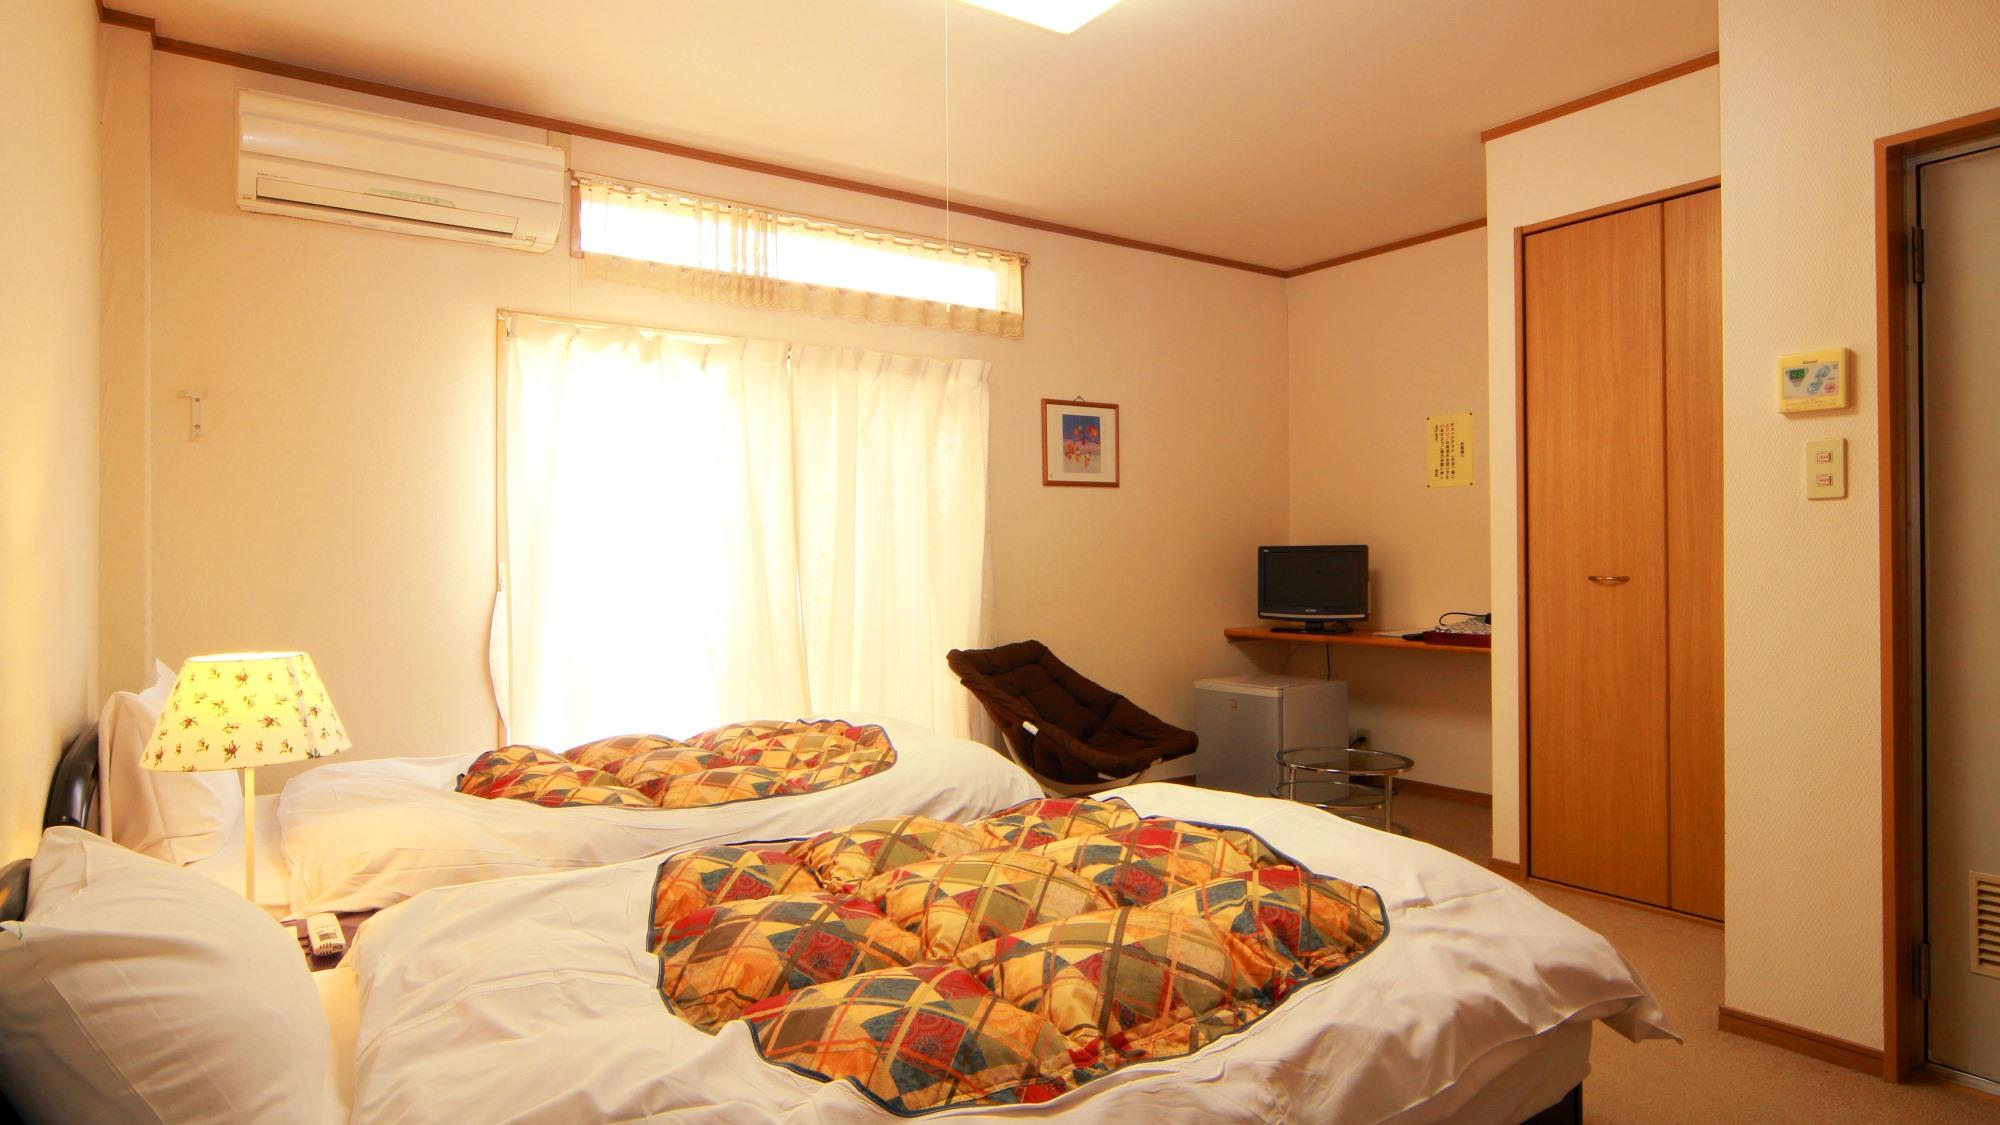 【客室一例】お客様の人数に合わせてお部屋をご案内いたします。洋室ツインタイプ